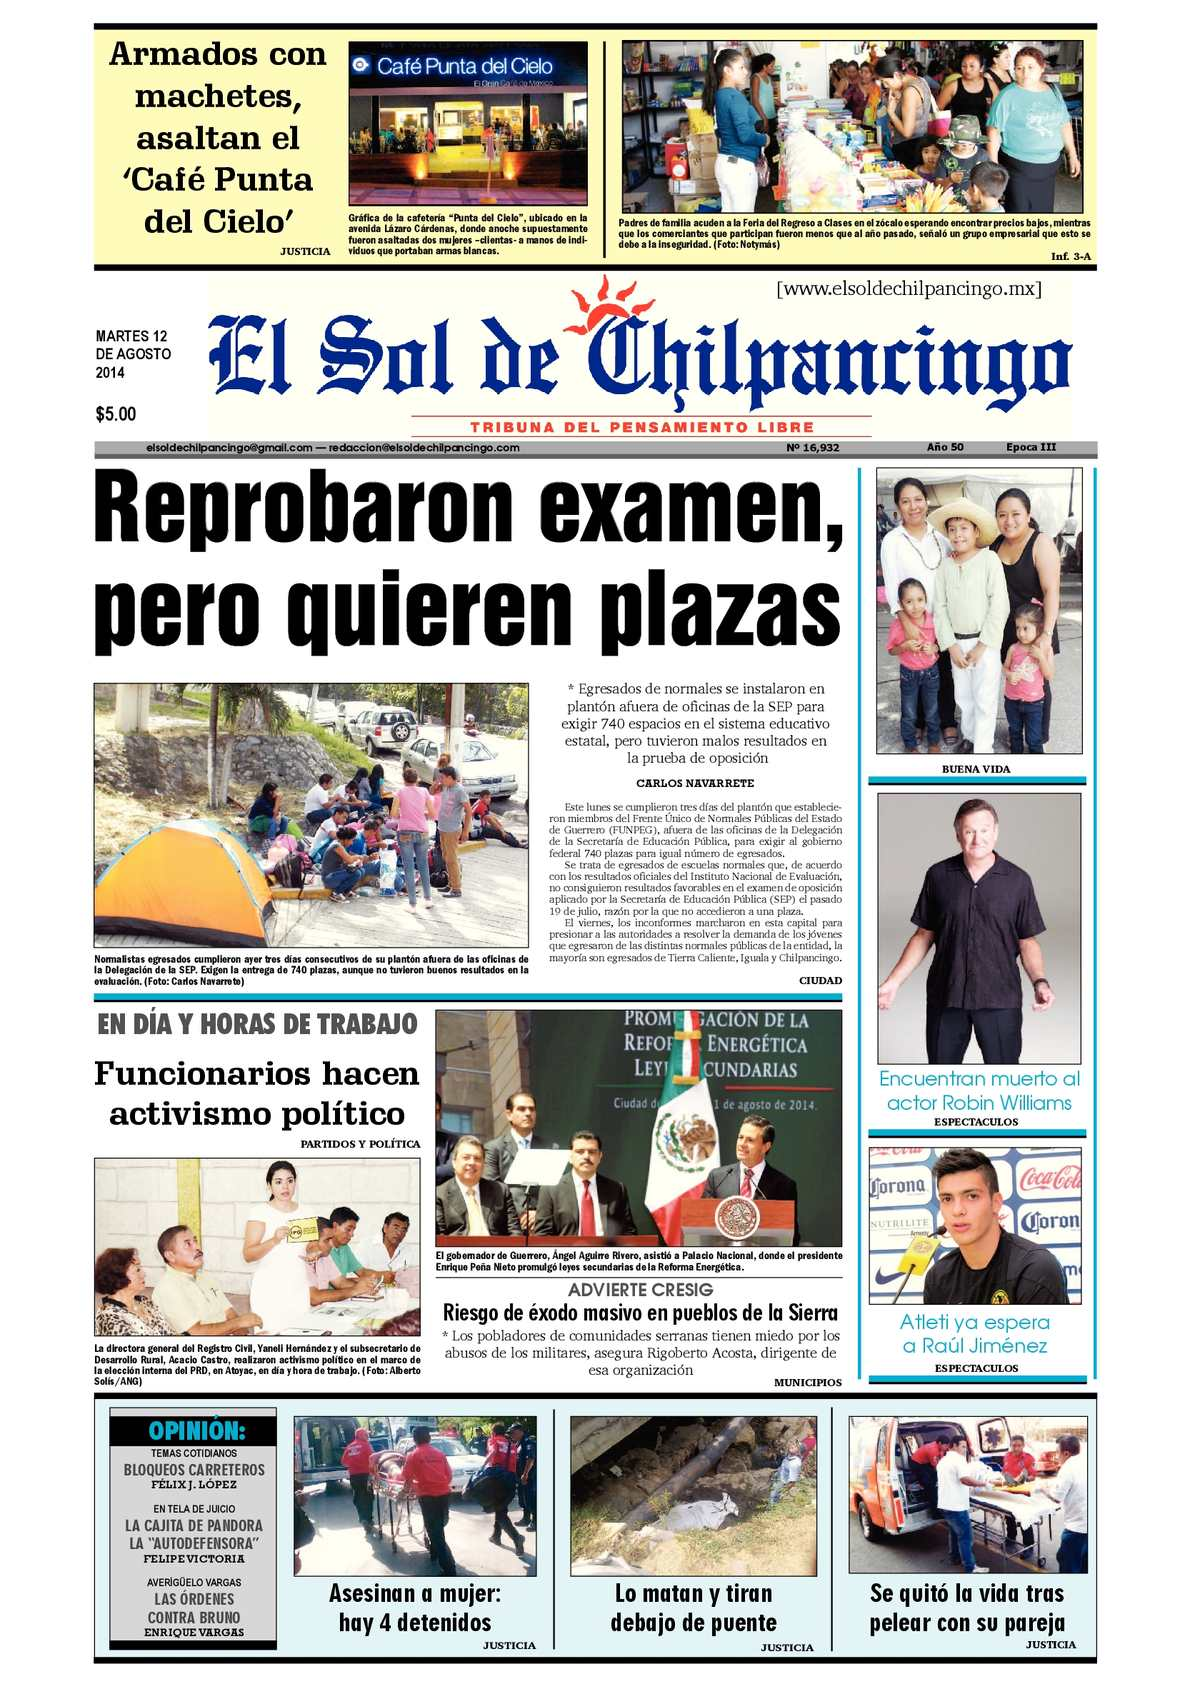 Calaméo - El Sol de Chilpancingo 12 Agosto 2014